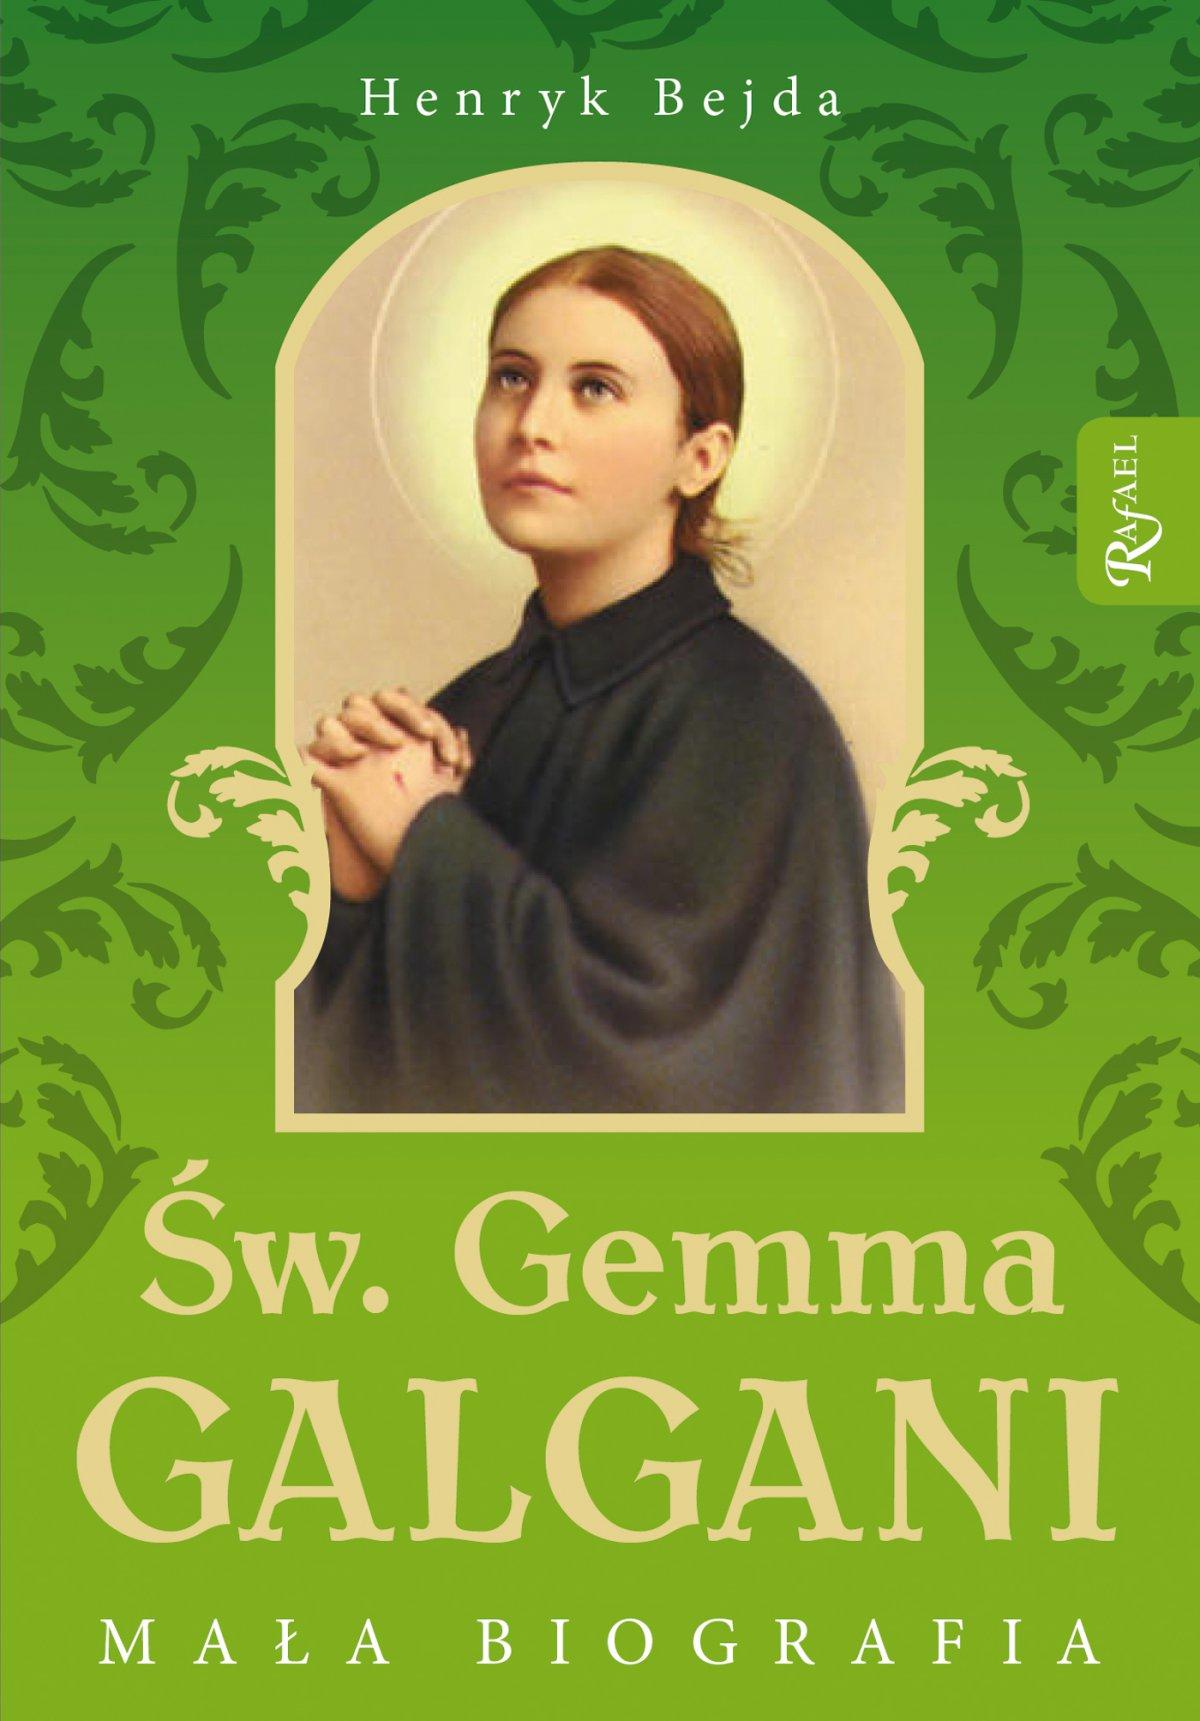 Św. Gemma Galgani - Ebook (Książka PDF) do pobrania w formacie PDF